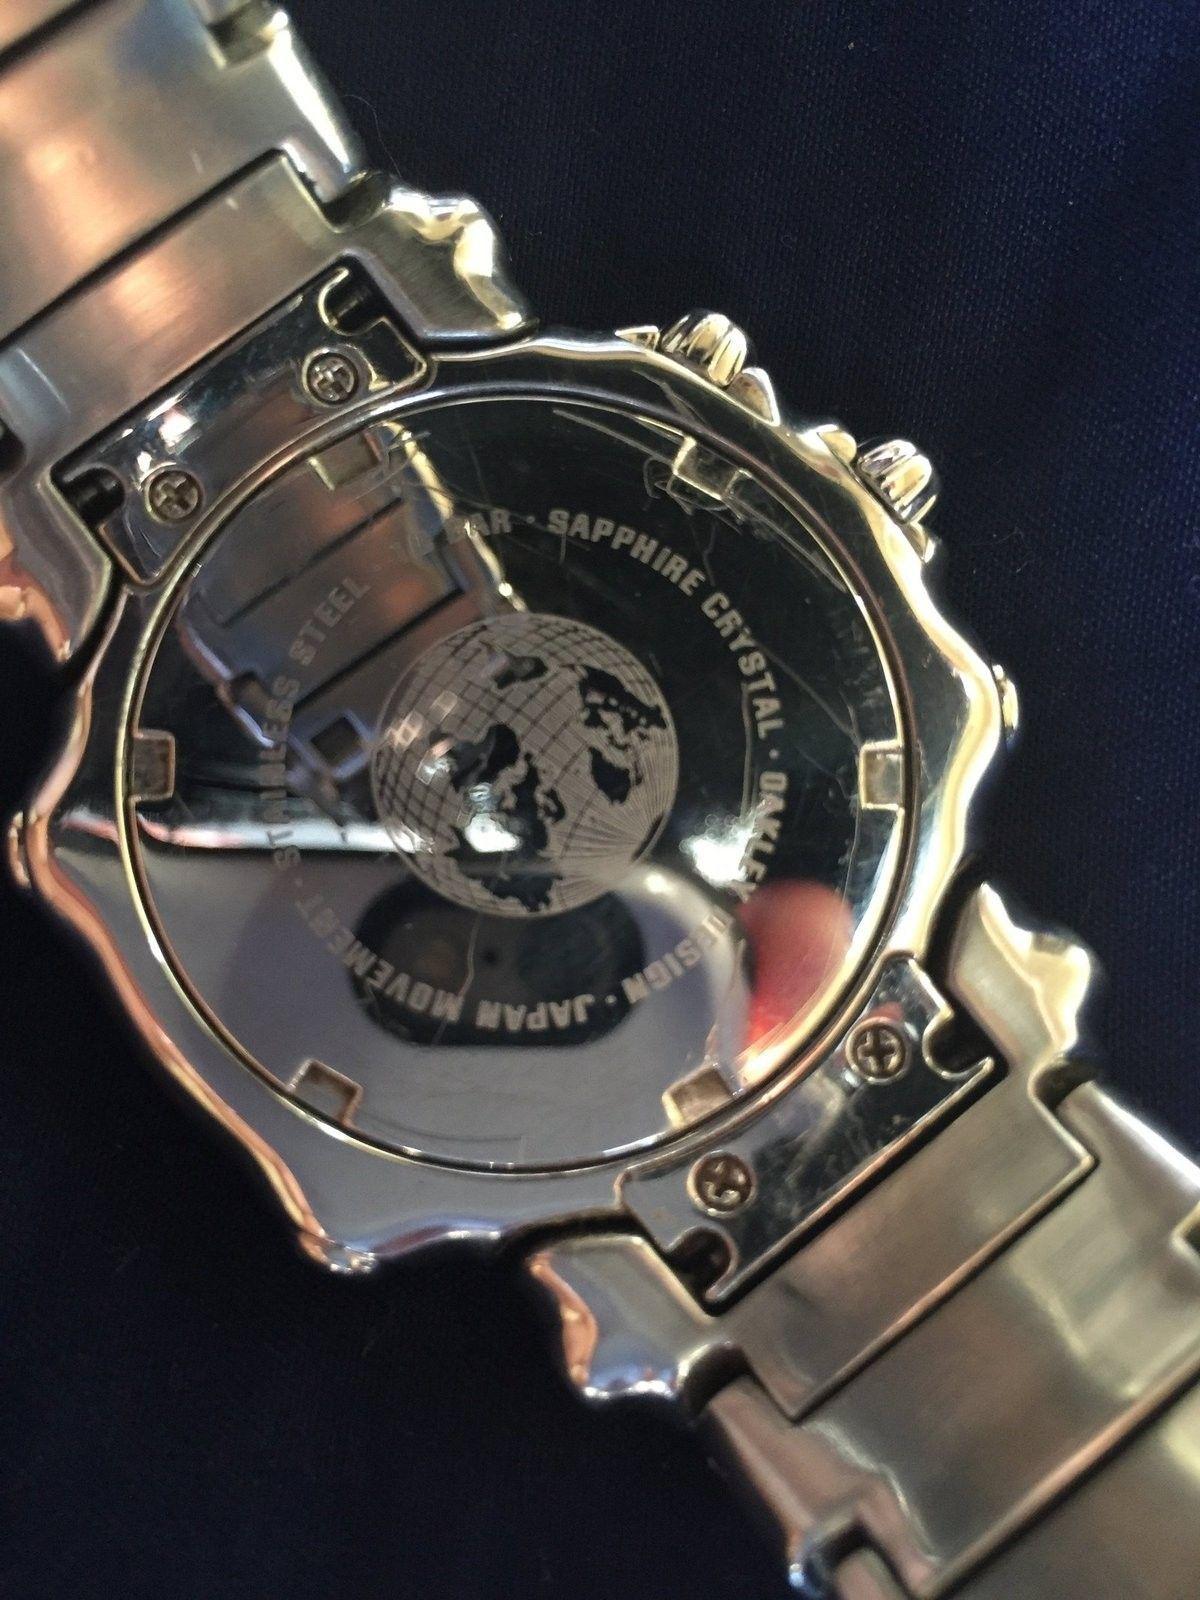 Oakley Gmt Watch Manual Les Baux De Provence Fuse Box